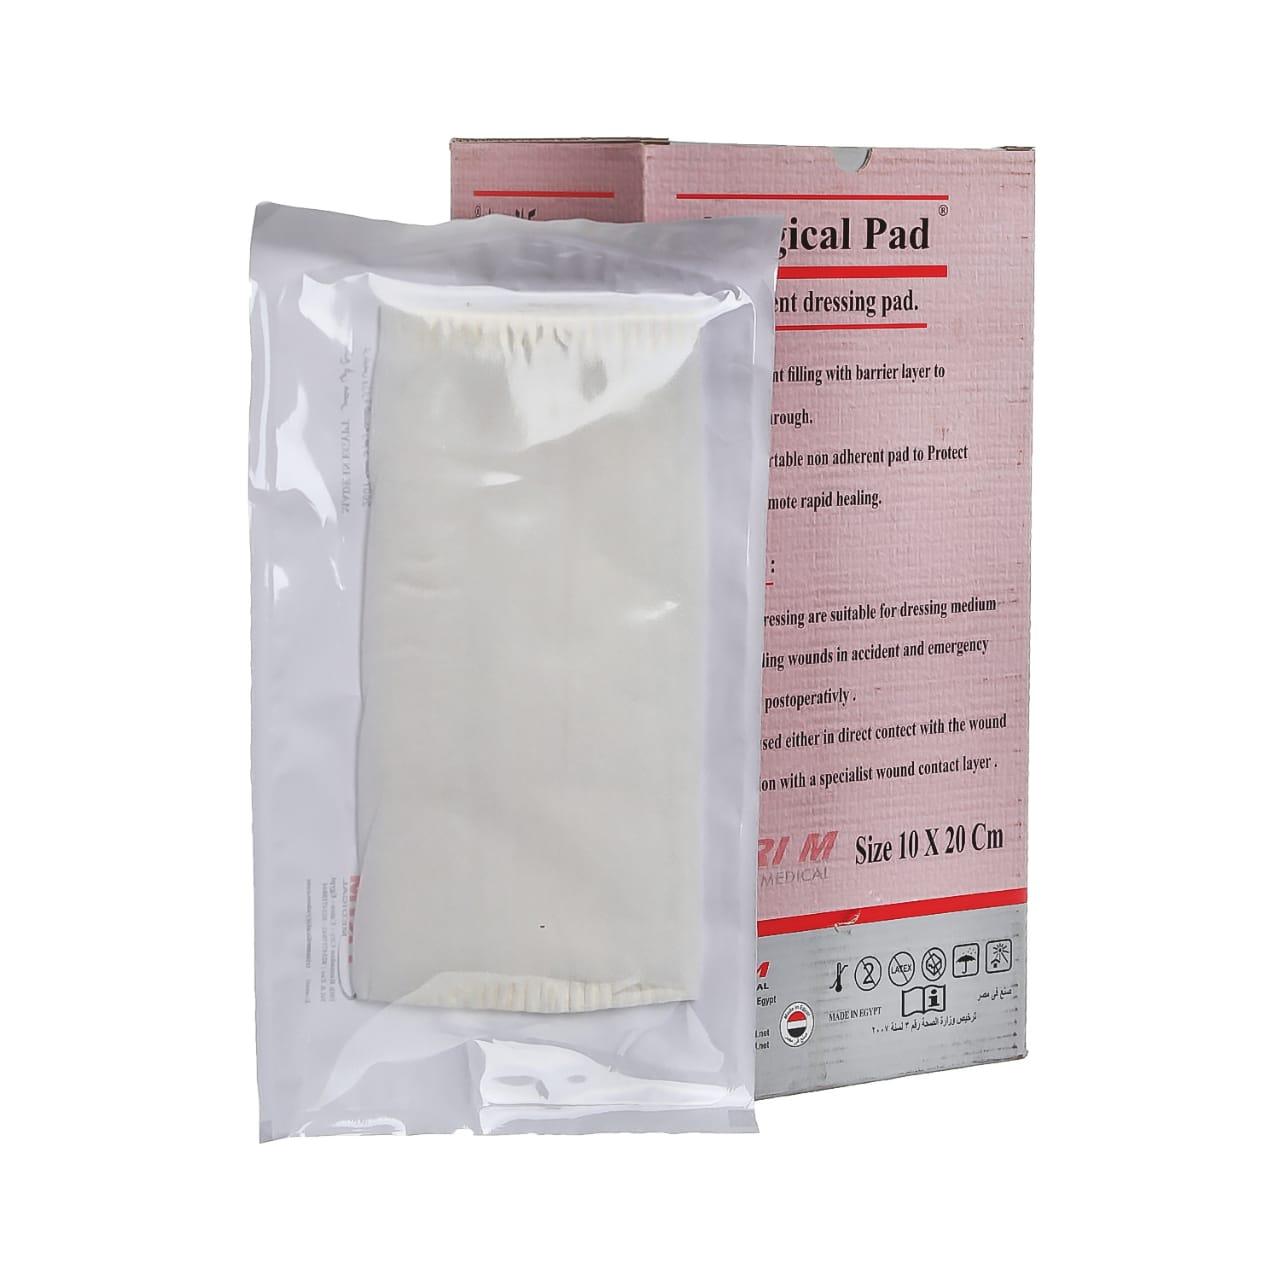 TRI M Surgical pad 10*20 cm